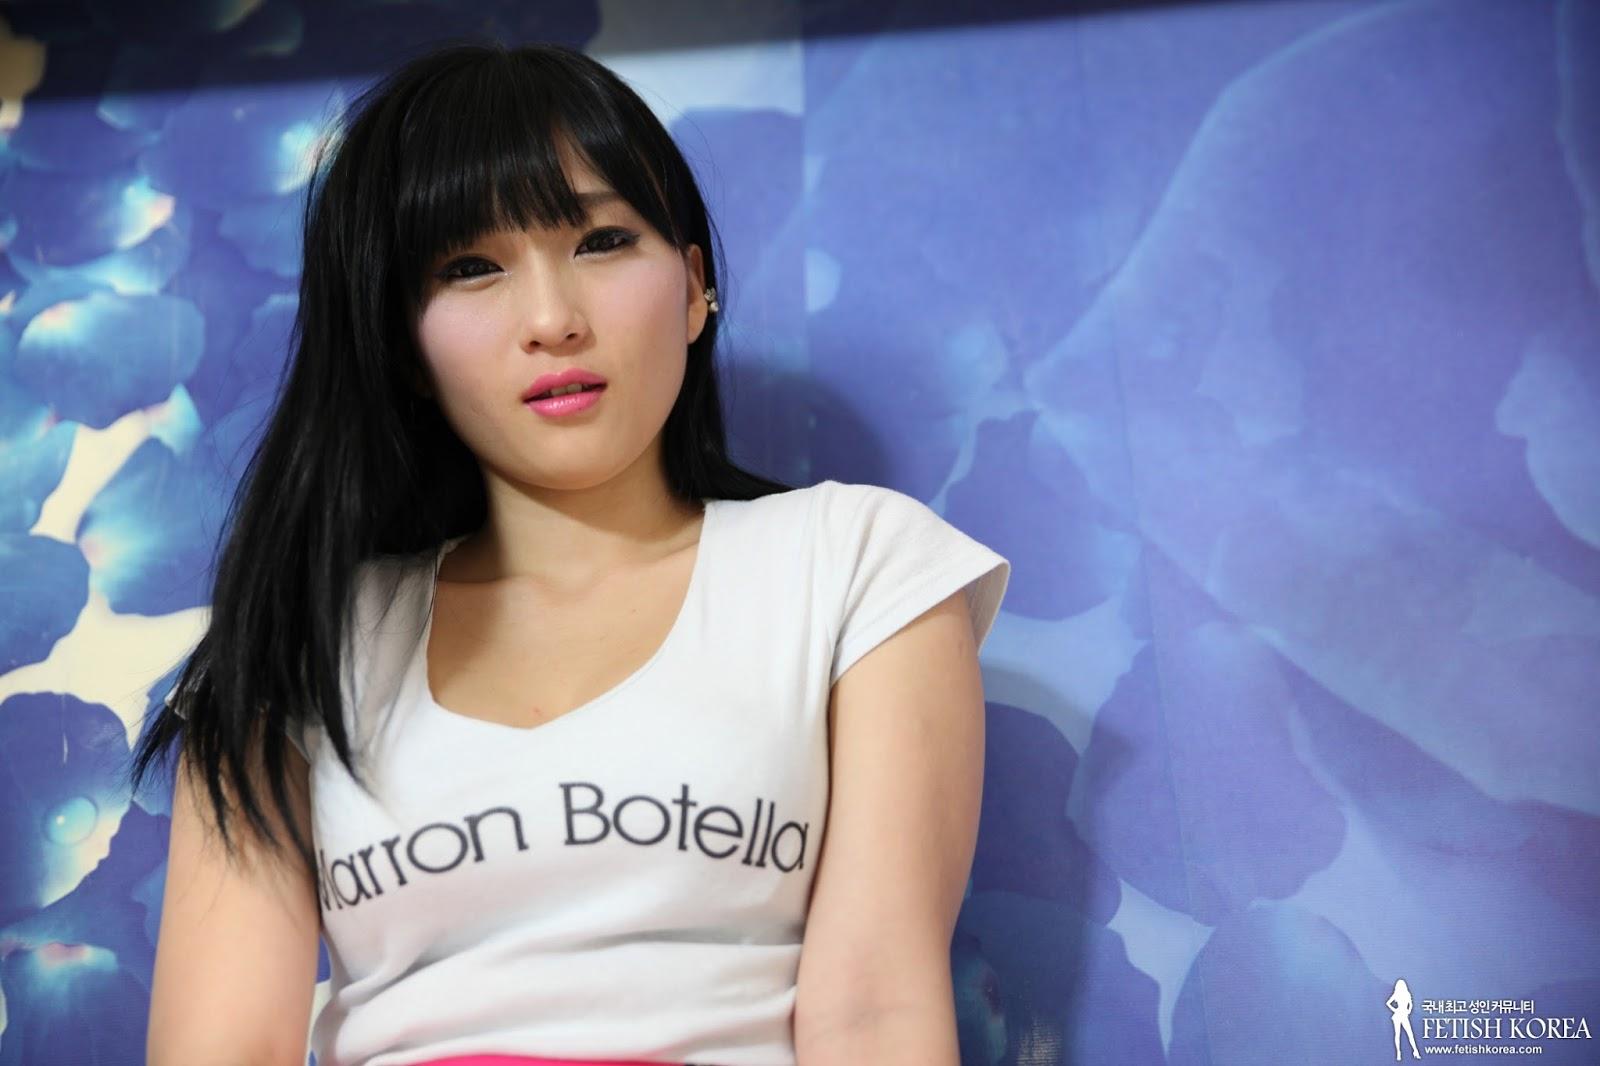 pin fetishkorea 2013 03 28 md 566 gs2me on pinterest